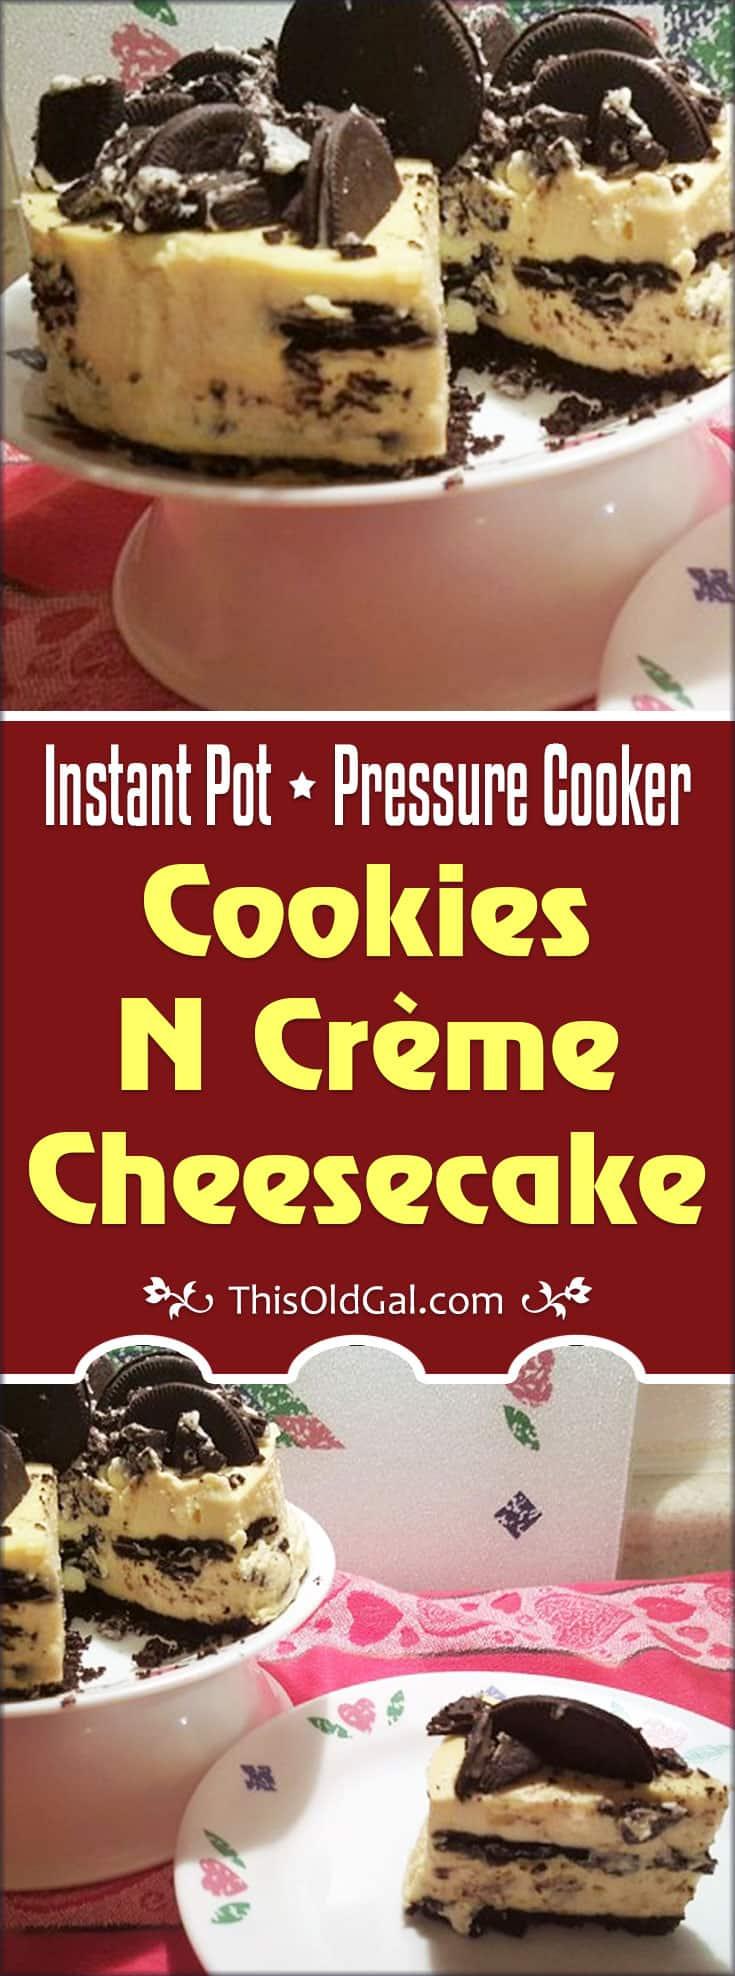 Pressure Cooker Cookies N Crème Cheesecake